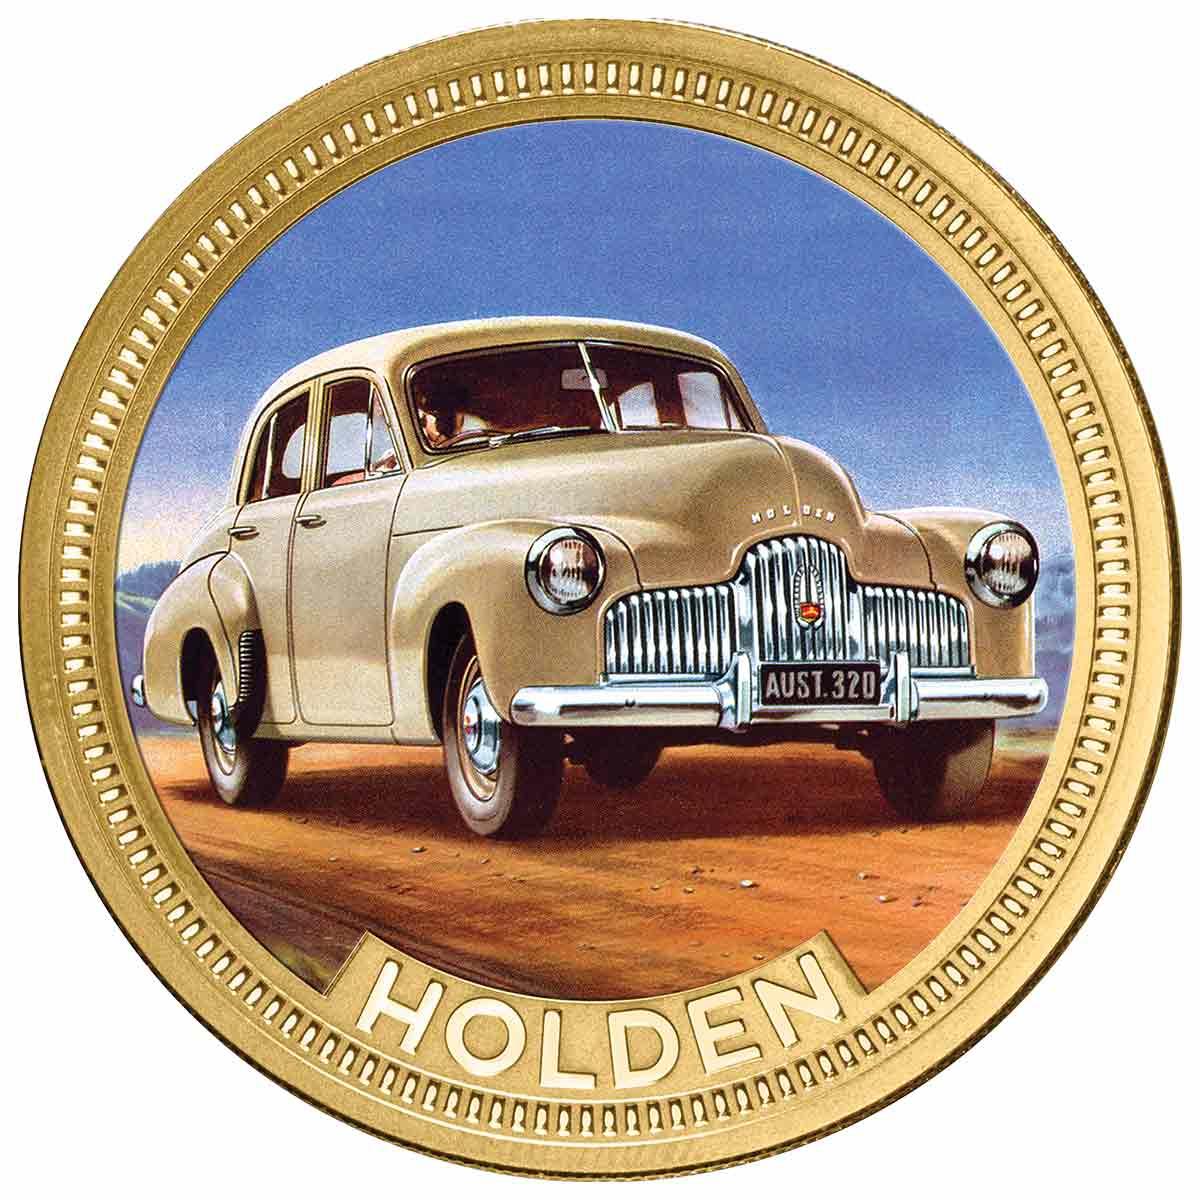 48-215 First Australian Holden